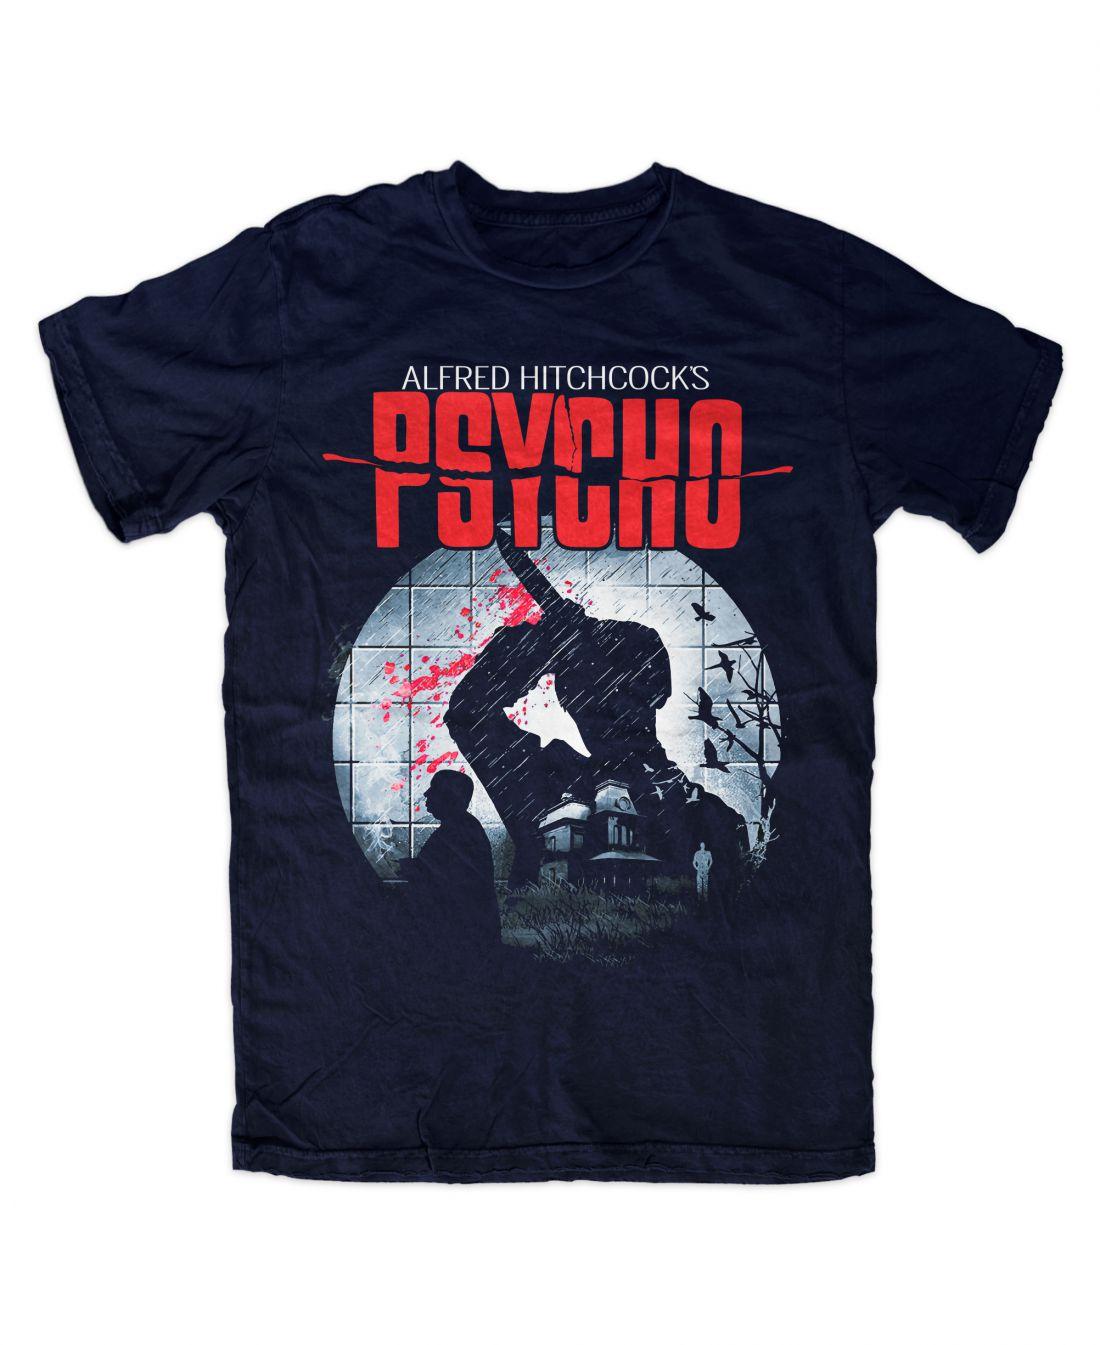 Psycho 001 (navy blue póló)